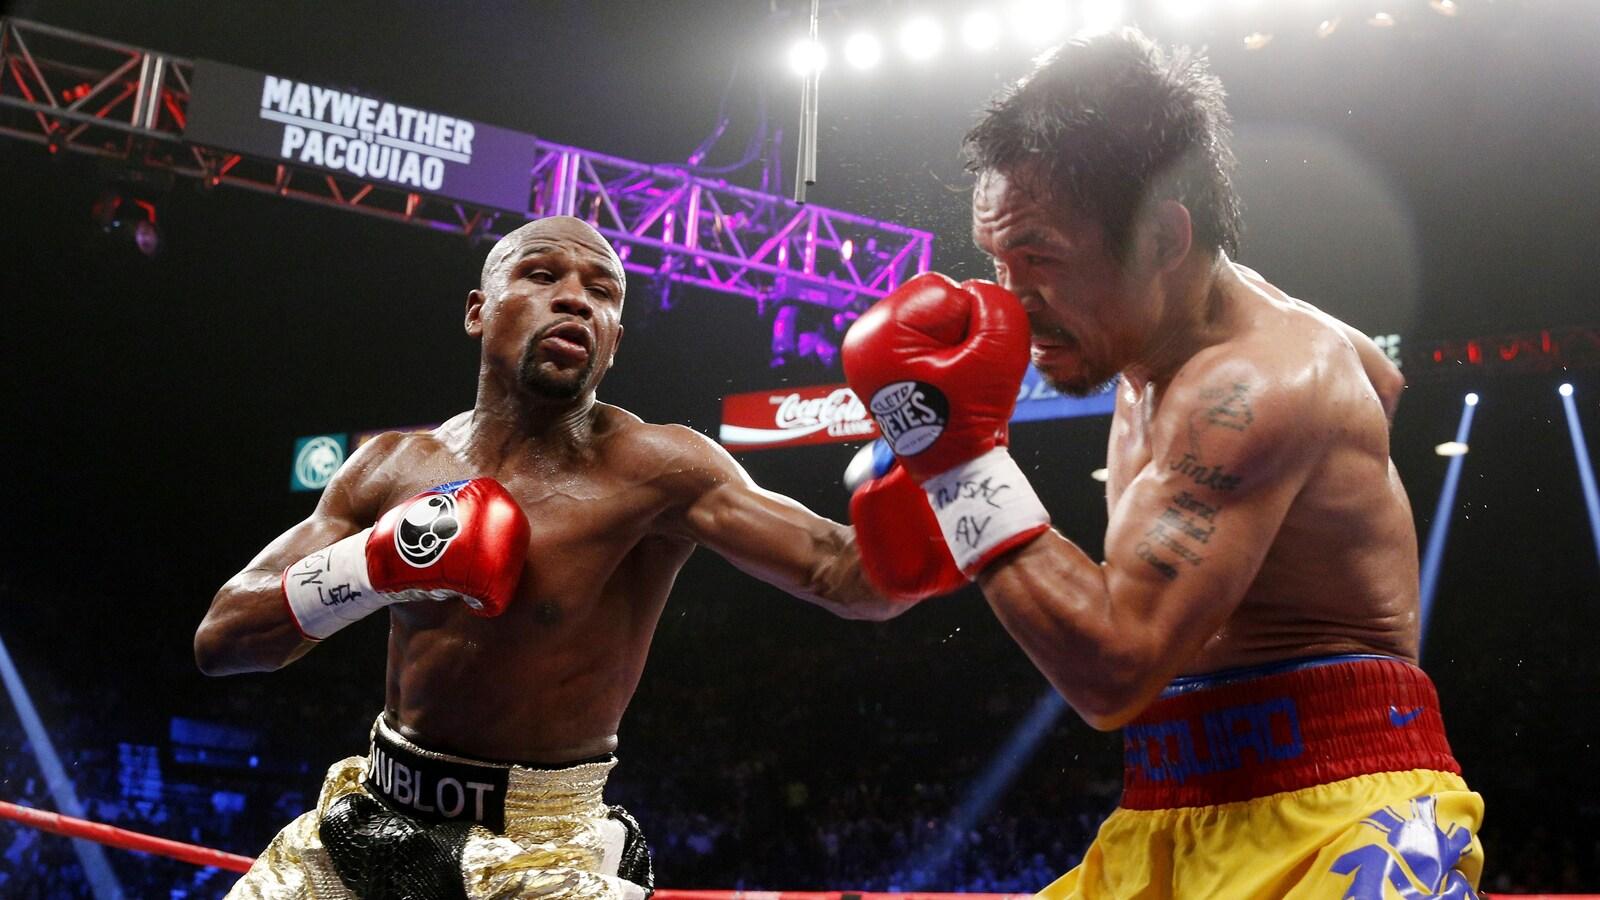 Le combat entre Floyd Mayweather et Manny Pacquiao en mai 2015 est le plus rémunérateur de l'histoire de la boxe.